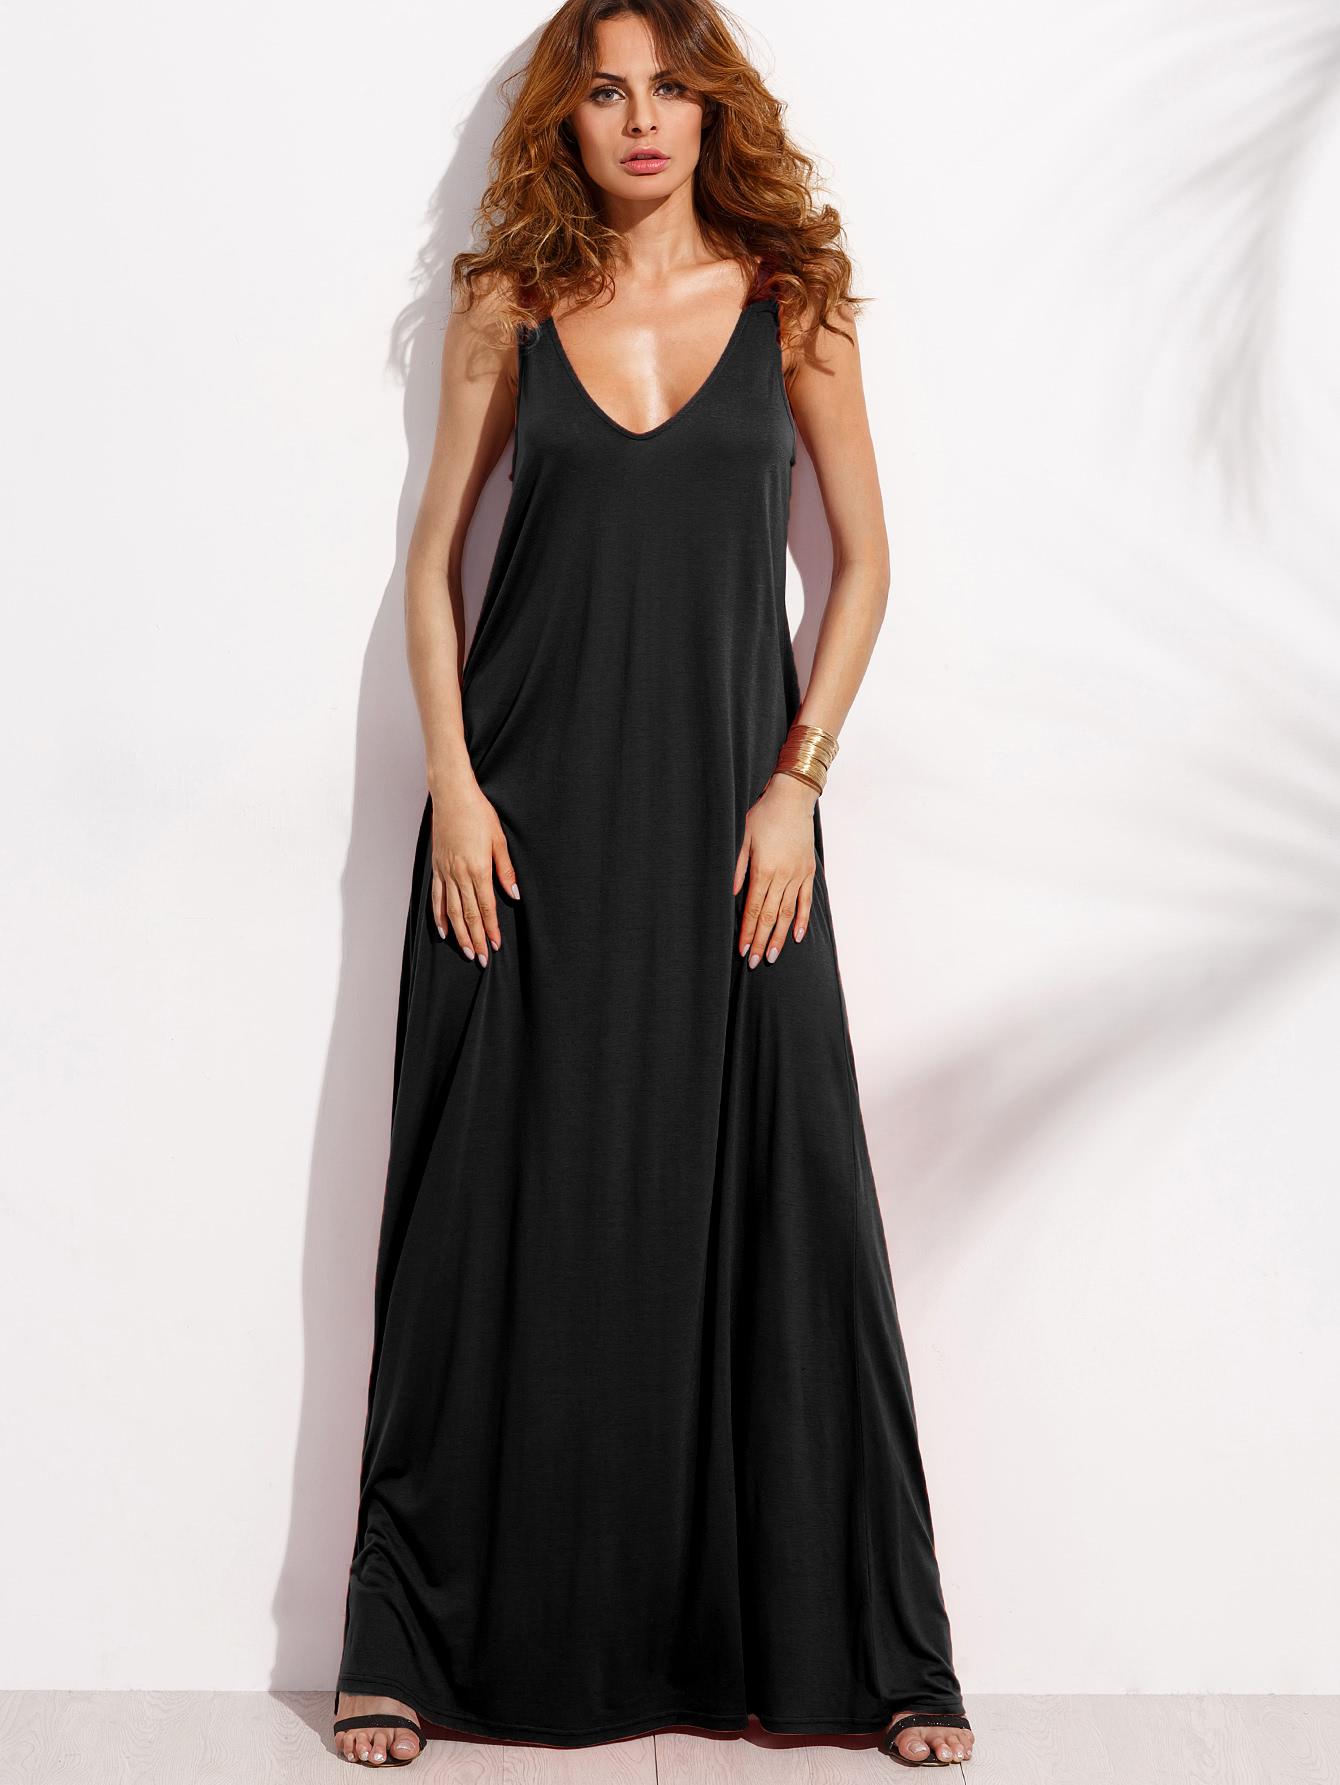 Double V-Cut Full Length Tank Dress full length tee dress